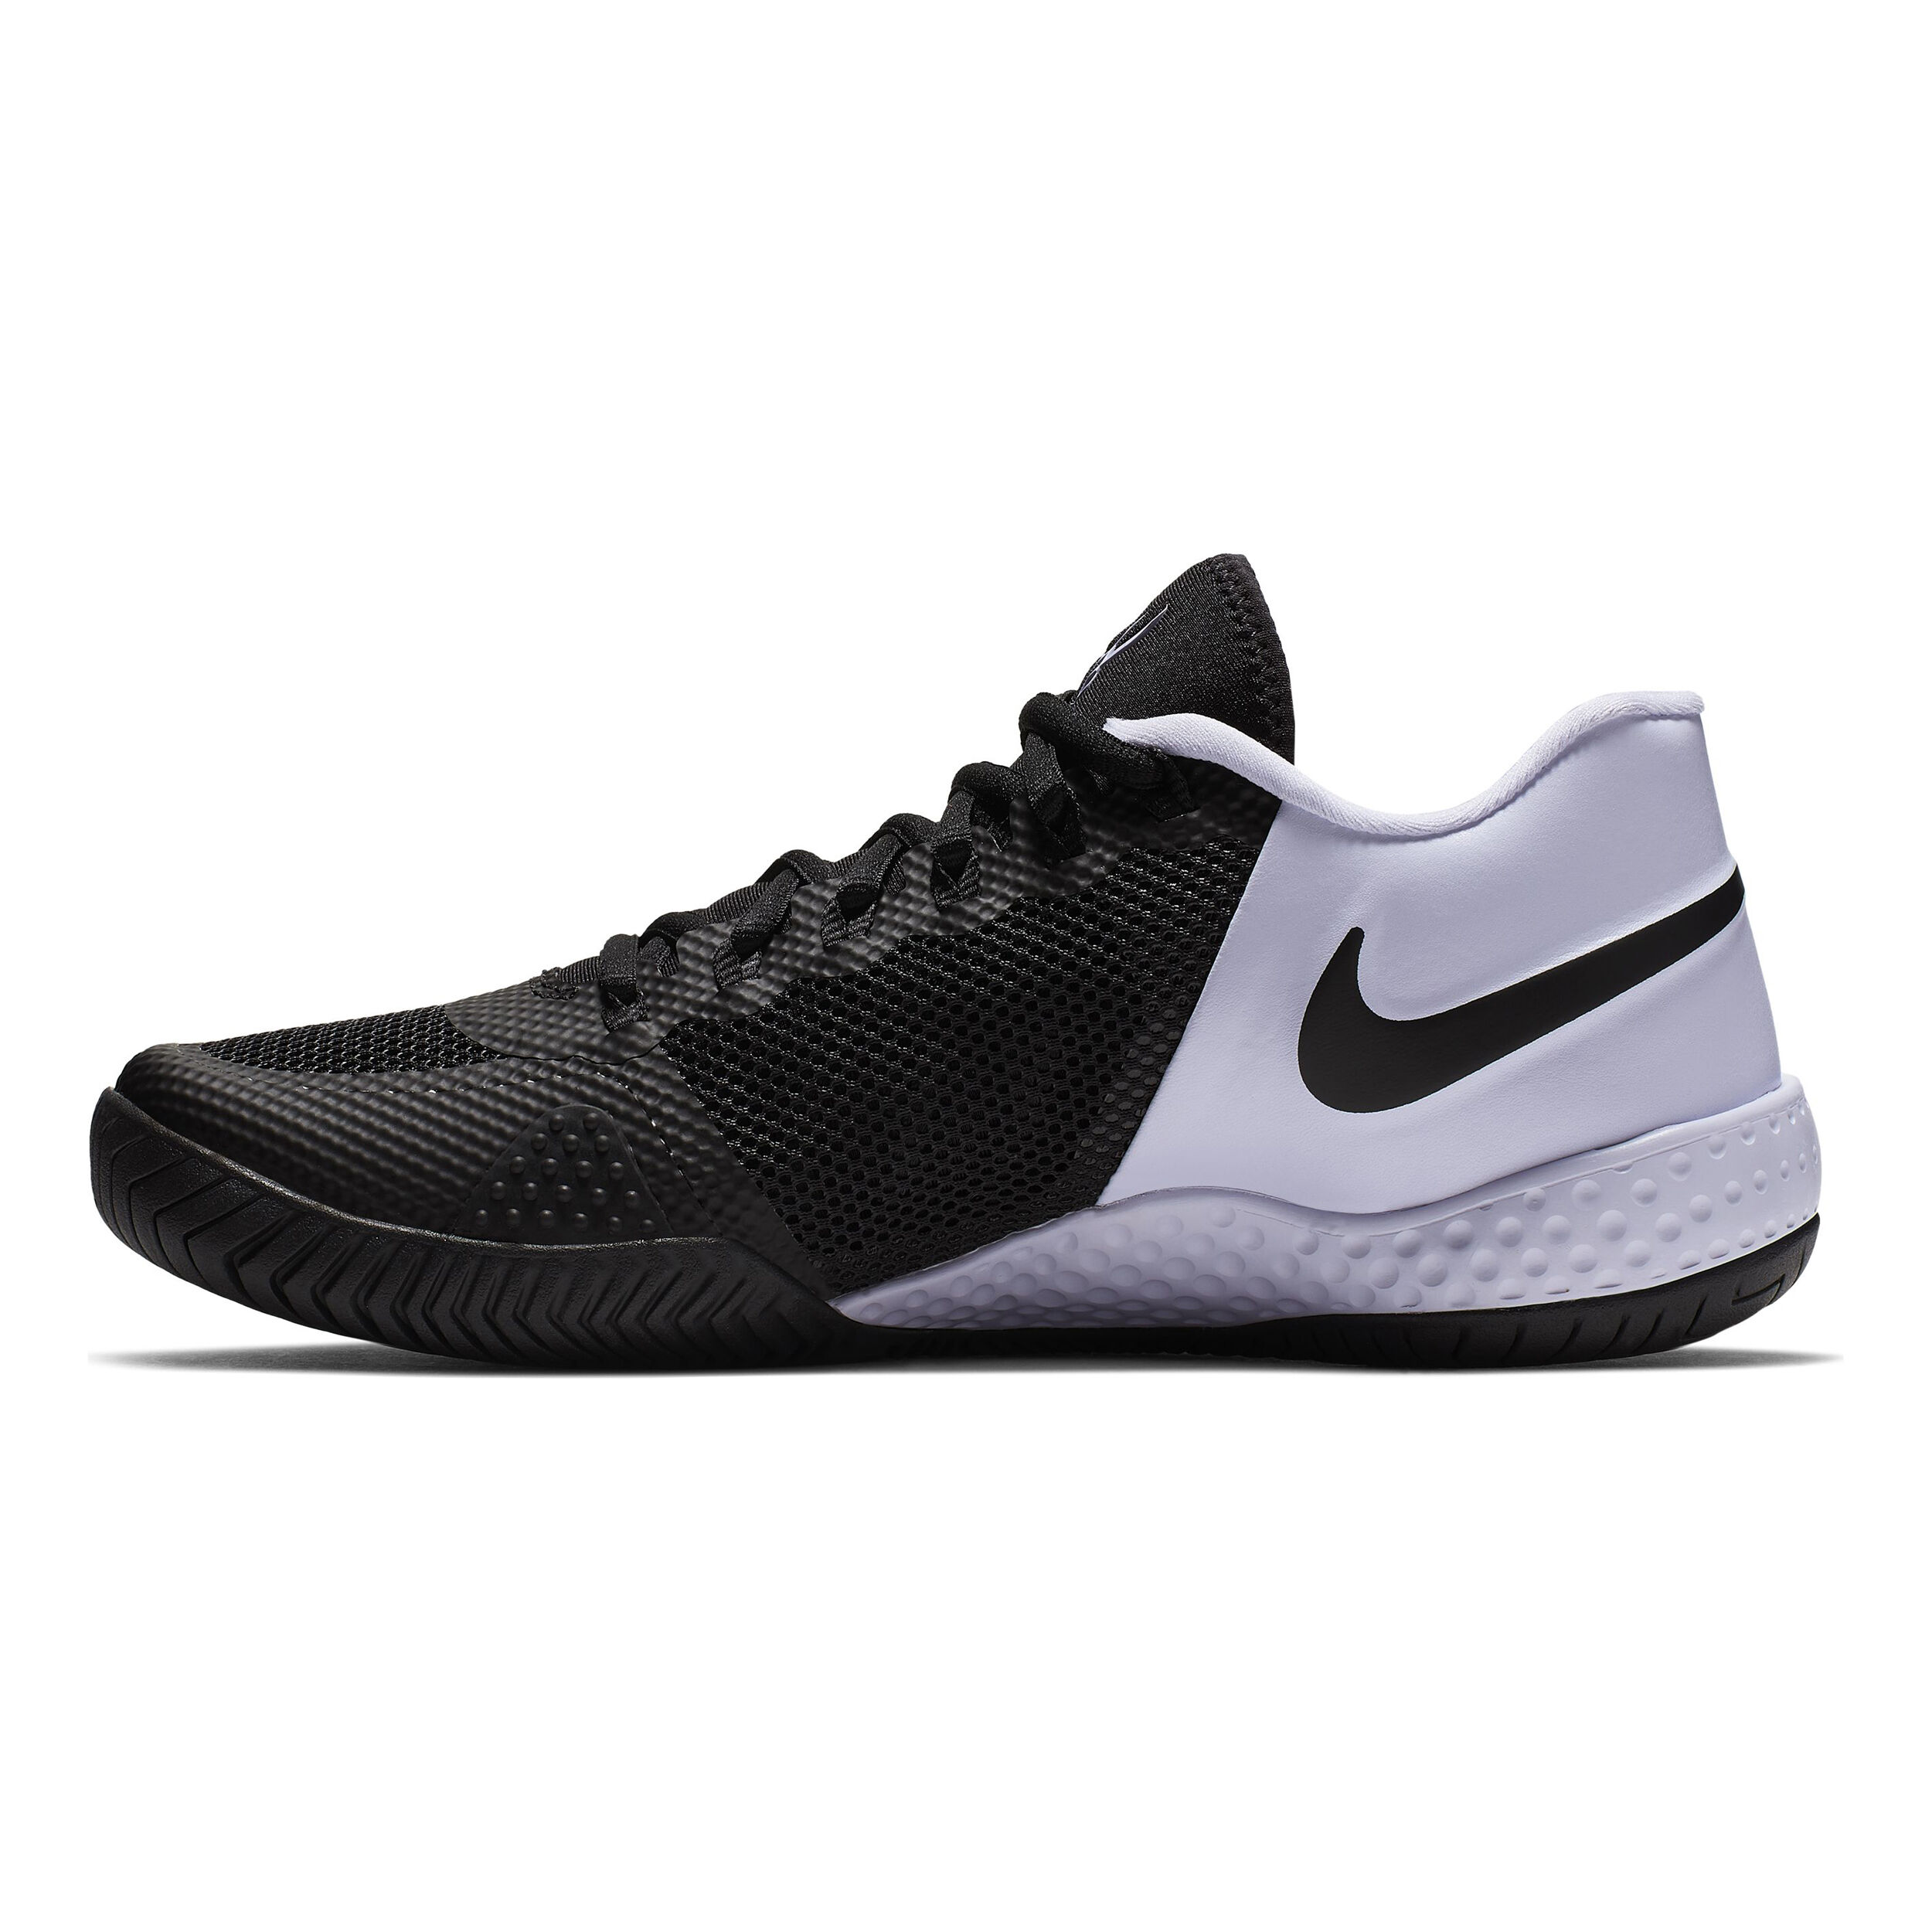 2 Surface Nike Flare NoirLilas Chaussure Femmes Acheter Dures QrxshdtC